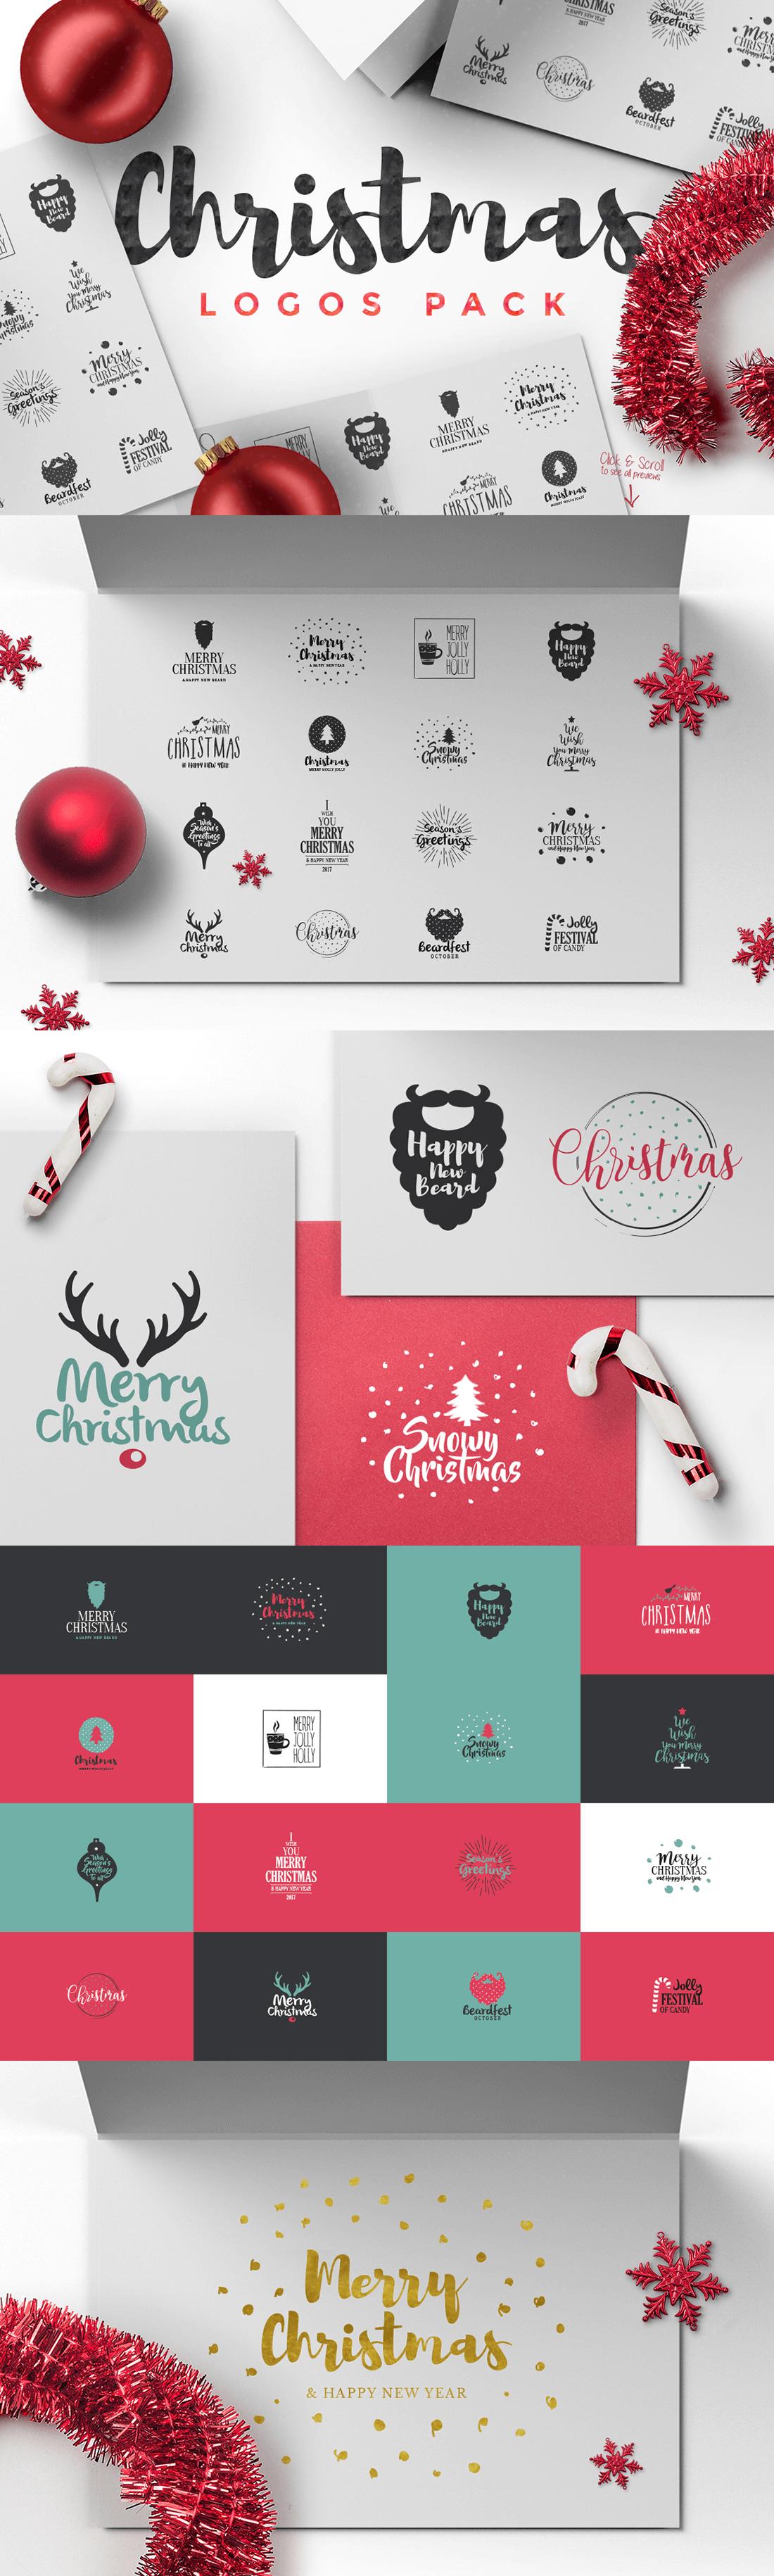 Alcuni esempi degli elementi grafici inclusi in questa splendida raccolta a tema natalizio